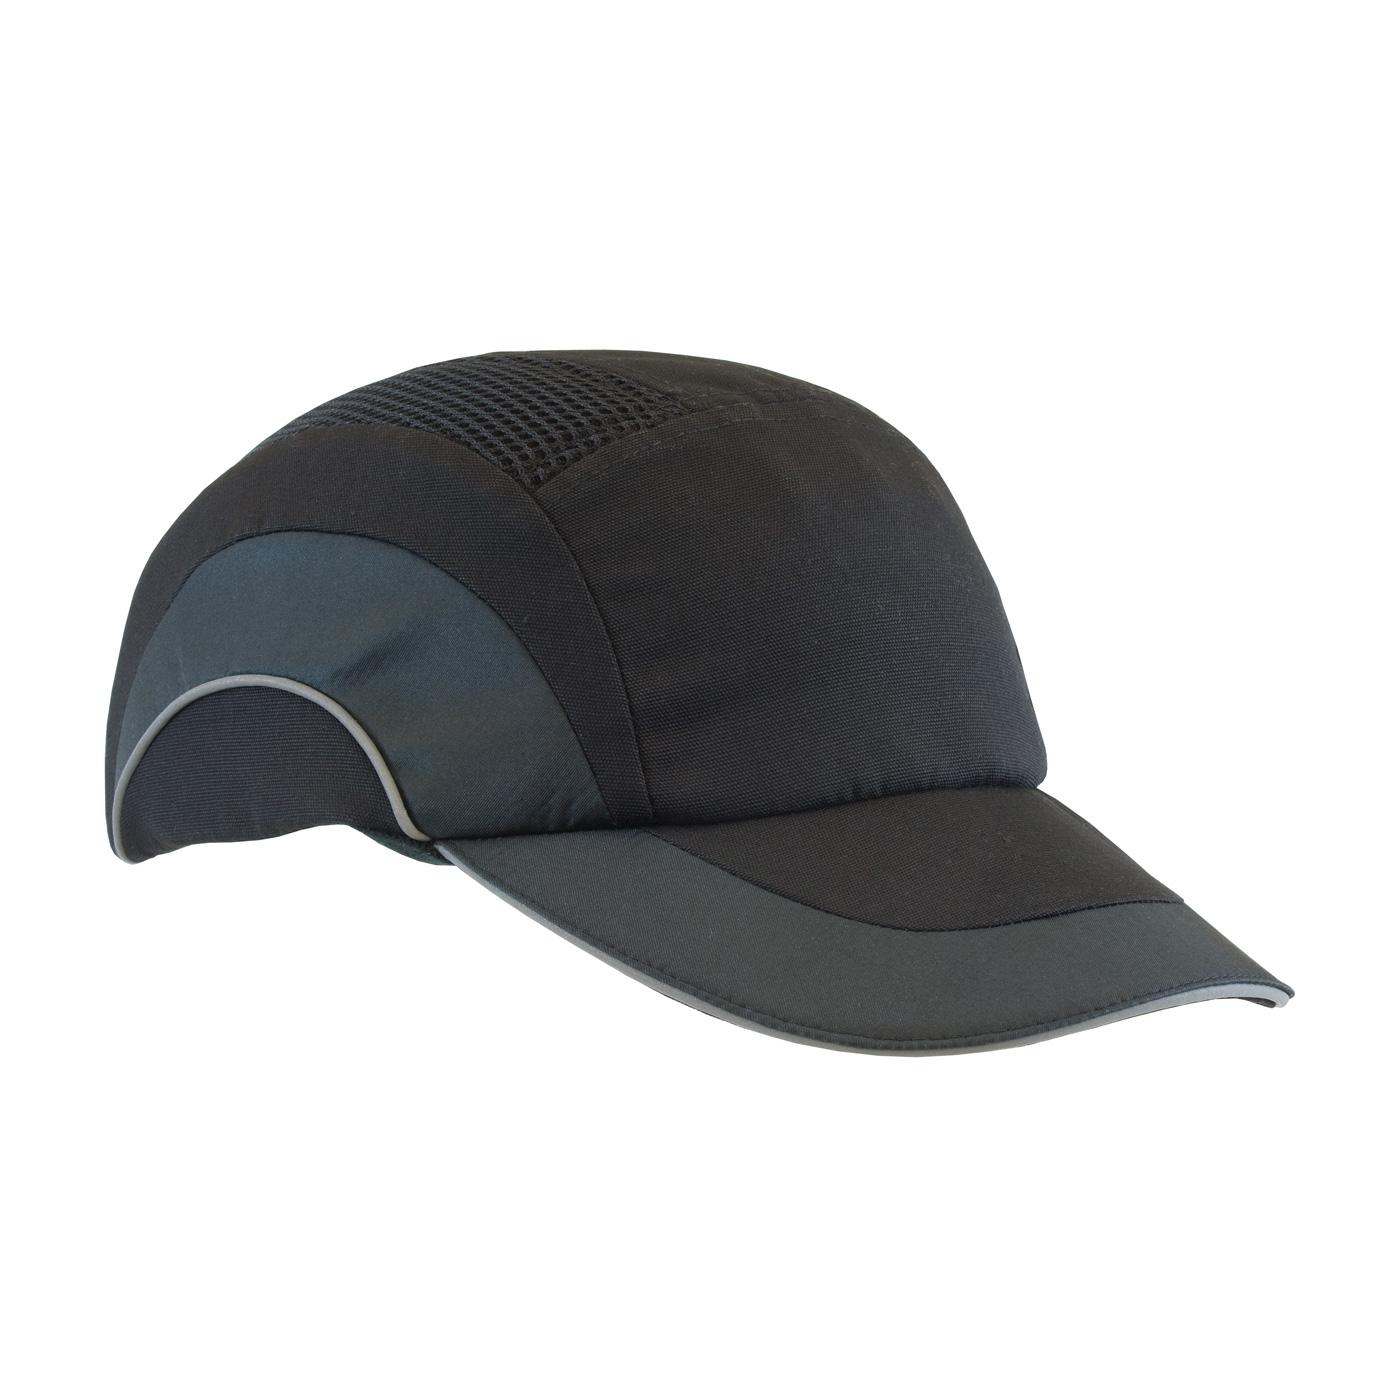 bd07314e4c1a5 HardCap A1+™. Baseball Style Bump Cap with HDPE Protective ...